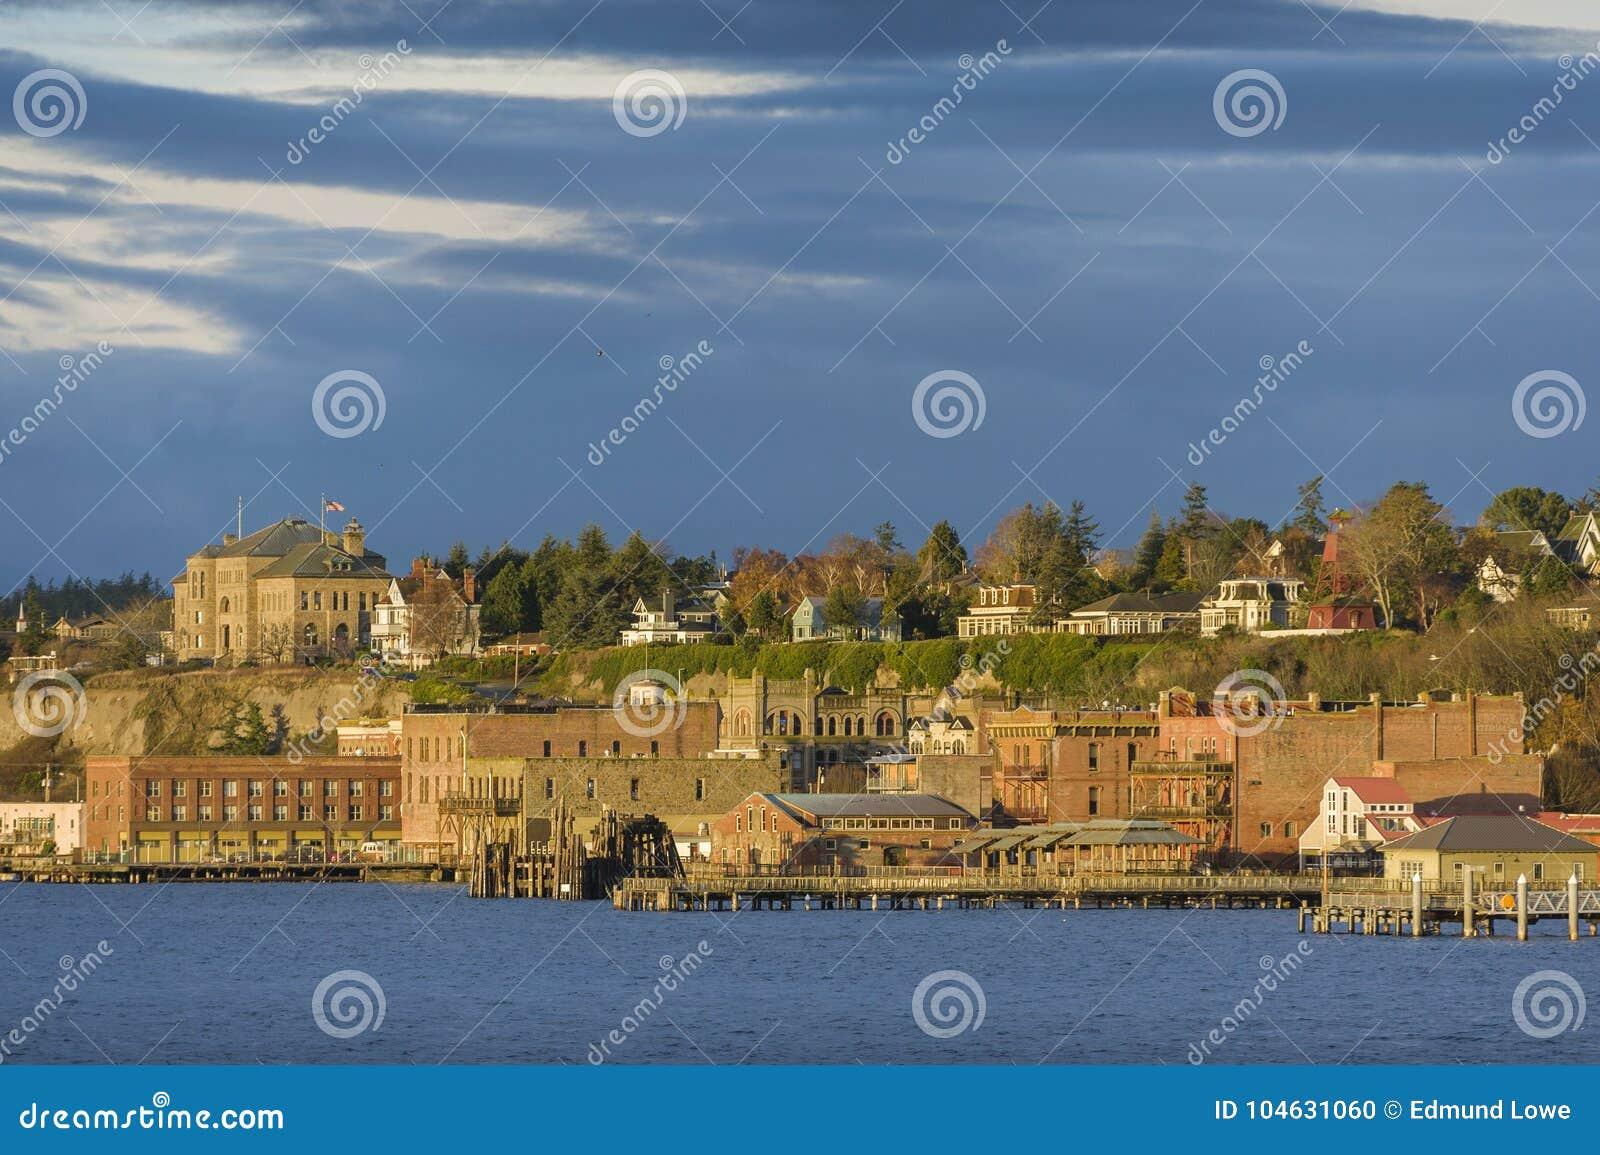 Download Historische Haven Townsend, Washington Waterfront Bij Zonsopgang Redactionele Afbeelding - Afbeelding bestaande uit toneel, gebouwen: 104631060